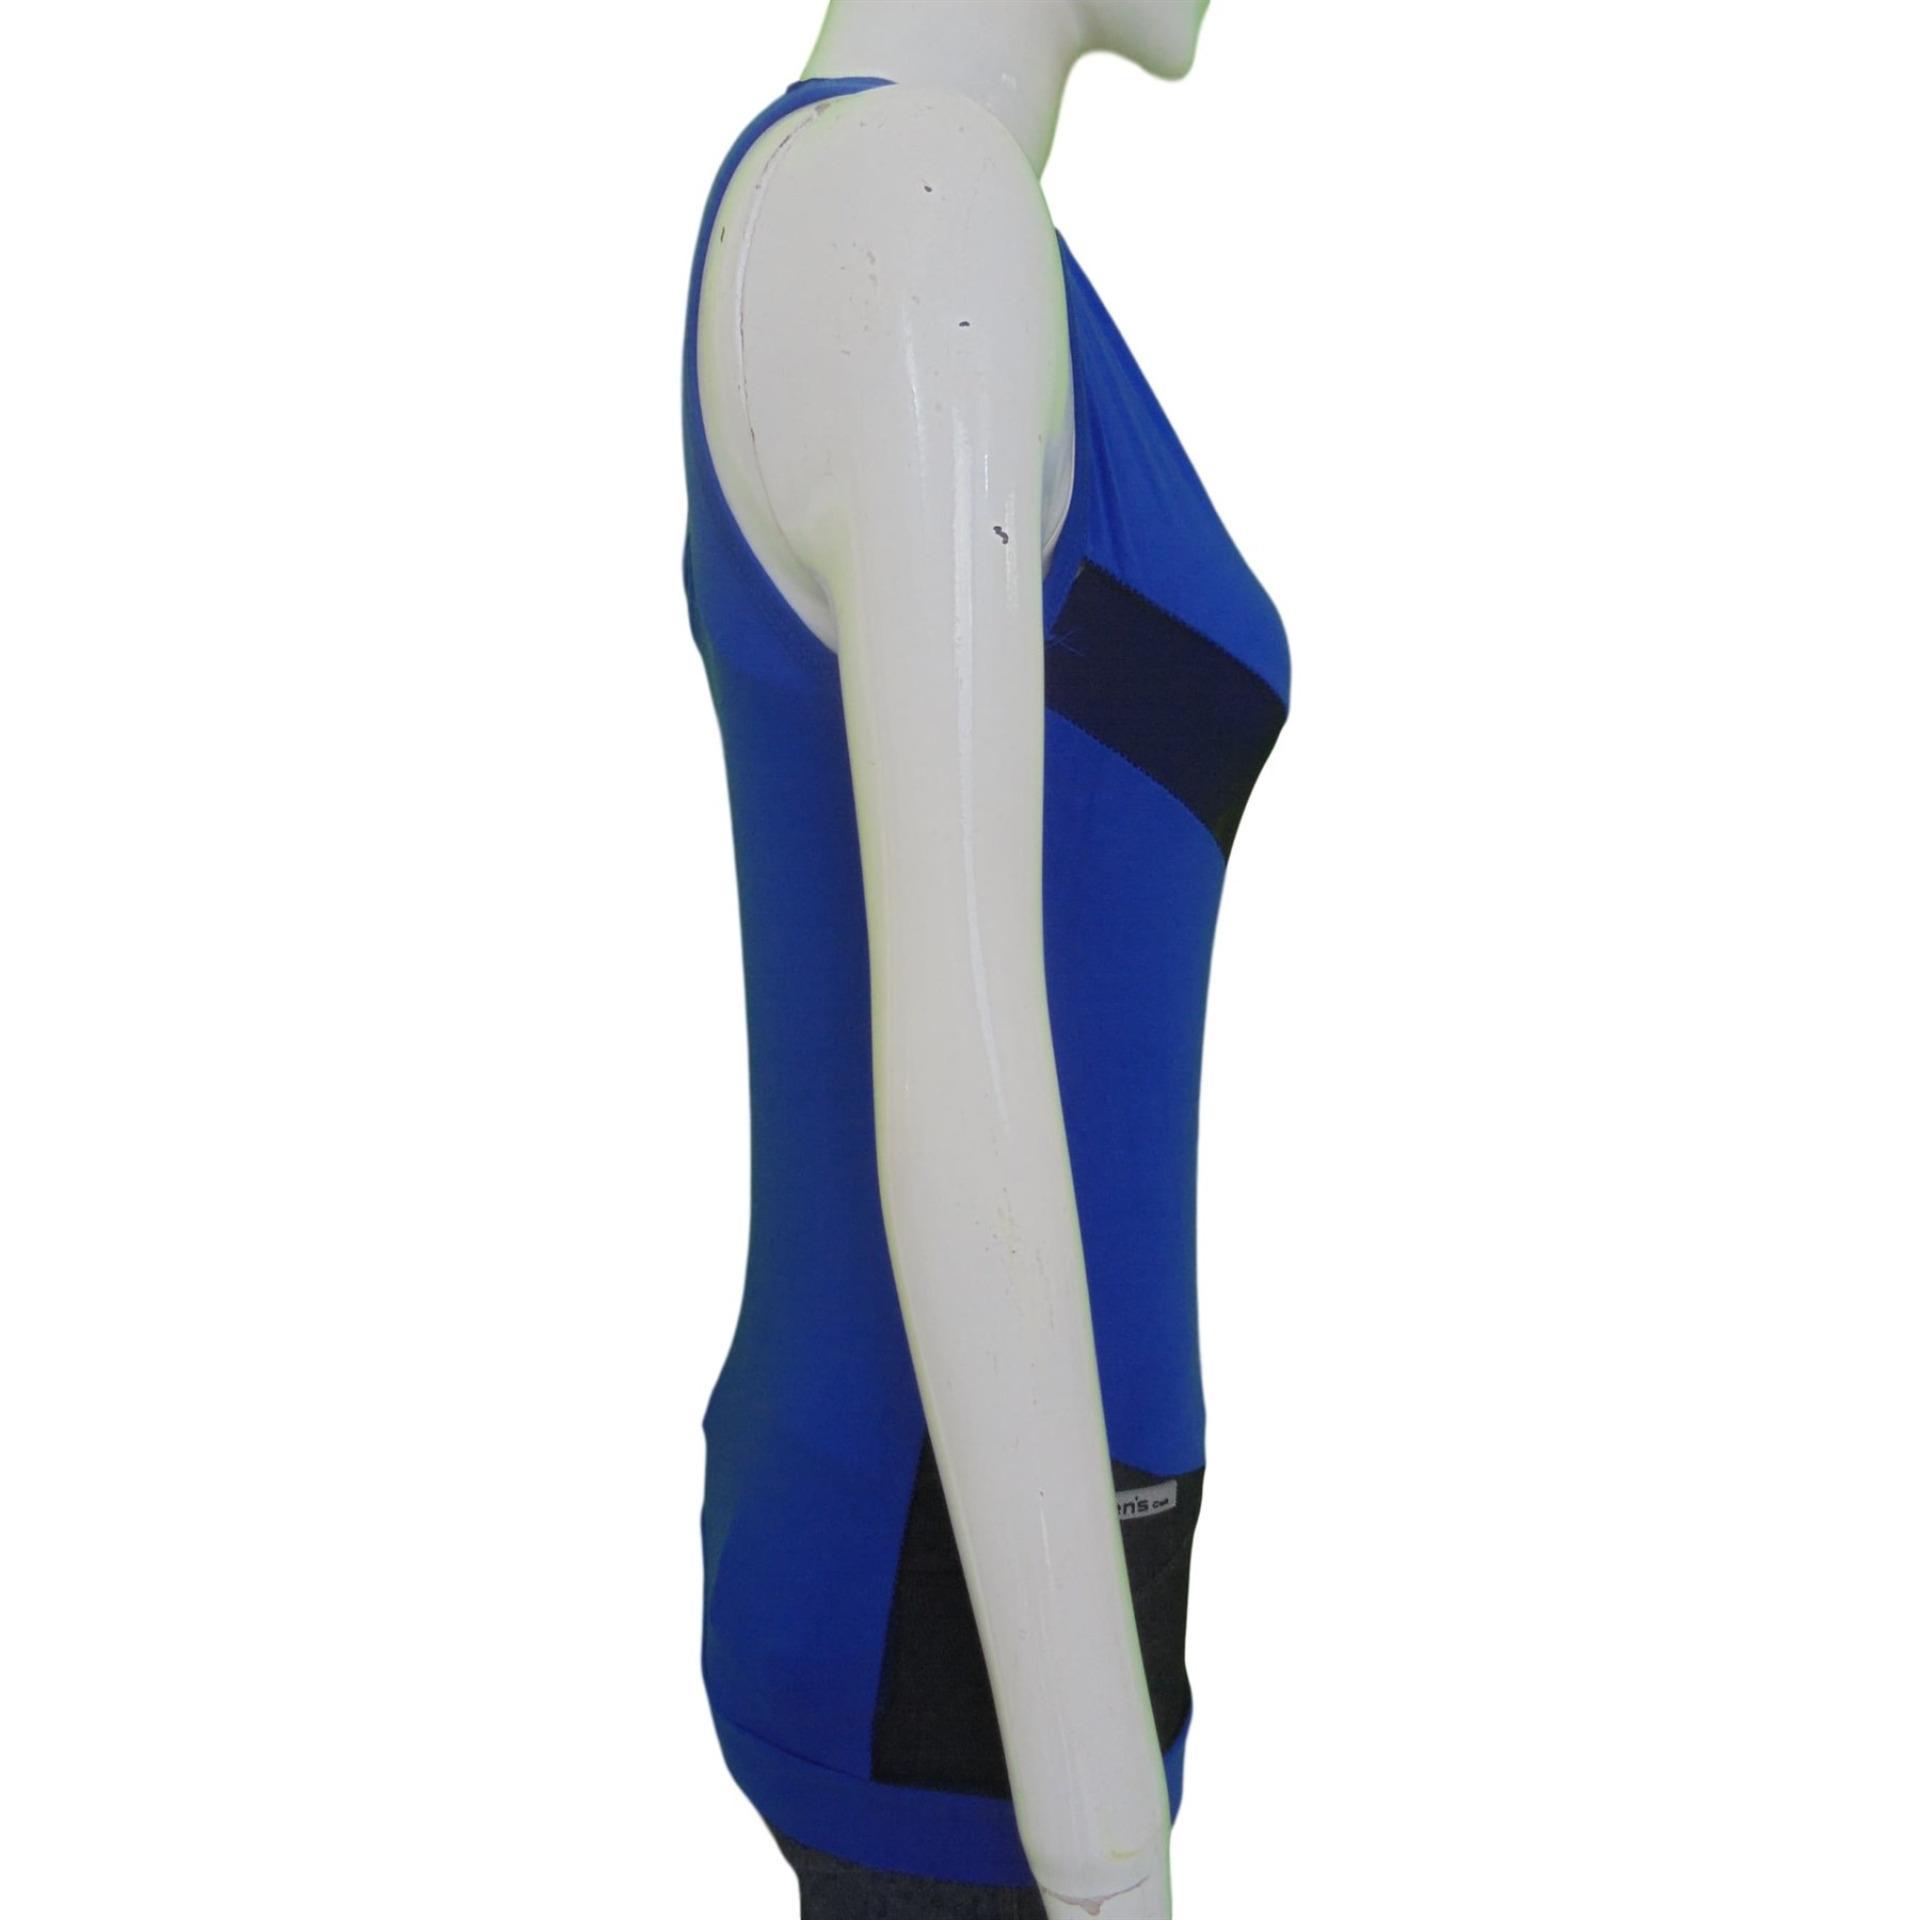 Kira Sports Tanktop Baju Atasan Senam wanita / Tanktop Baju Atasan Olahraga Wanita .